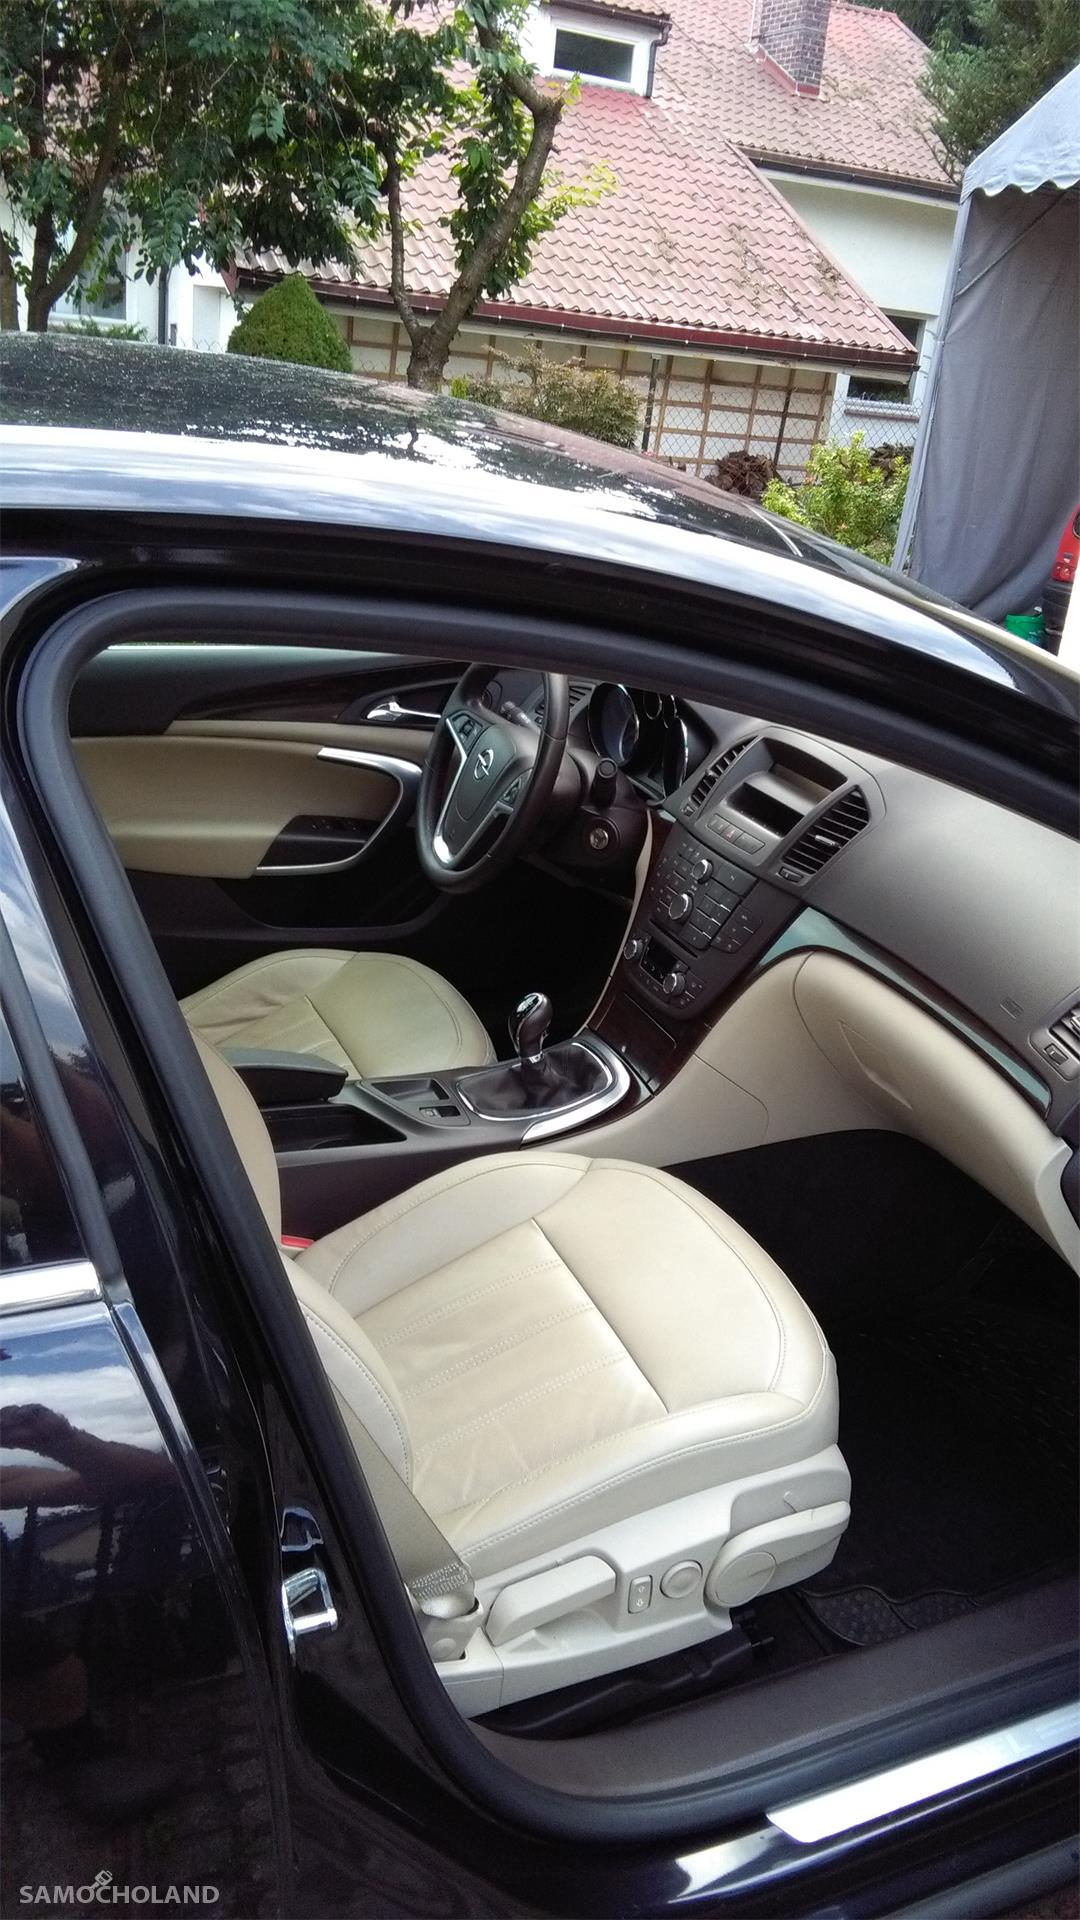 Opel Insignia Auto kupione w Polskim salonie Opla.Pierwszy właściciel, od początku garażowany.Stan techniczny oraz wnętrza bardzo dobry. Niwielki przebieg - 83400 km. 16